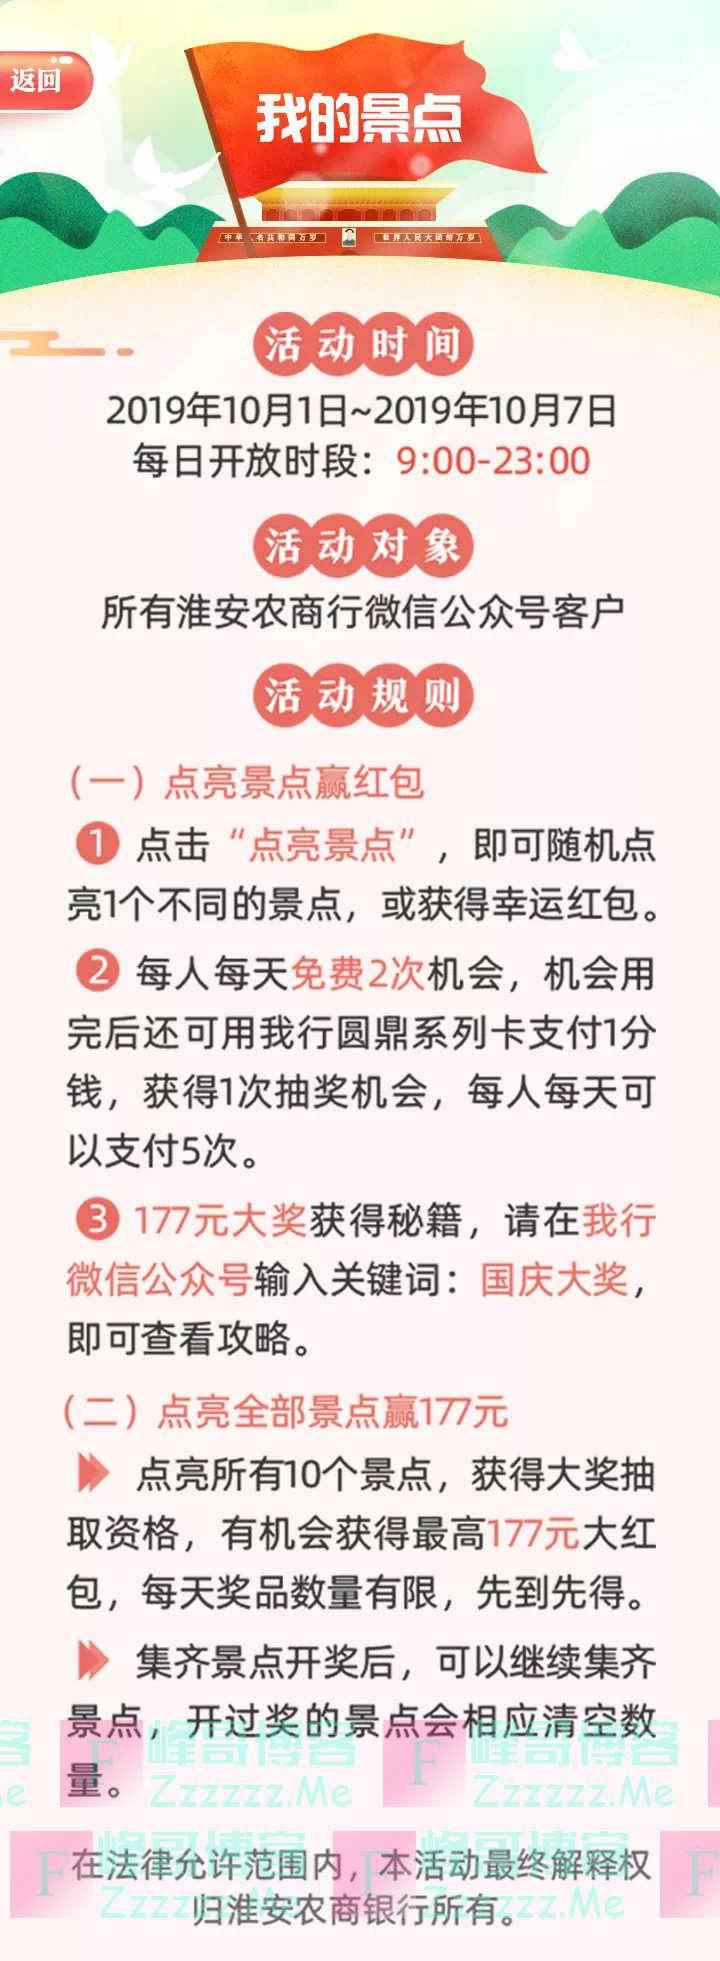 淮安农村商业银行集淮安美景 庆祖国华诞 福利活动(10月7日截止)